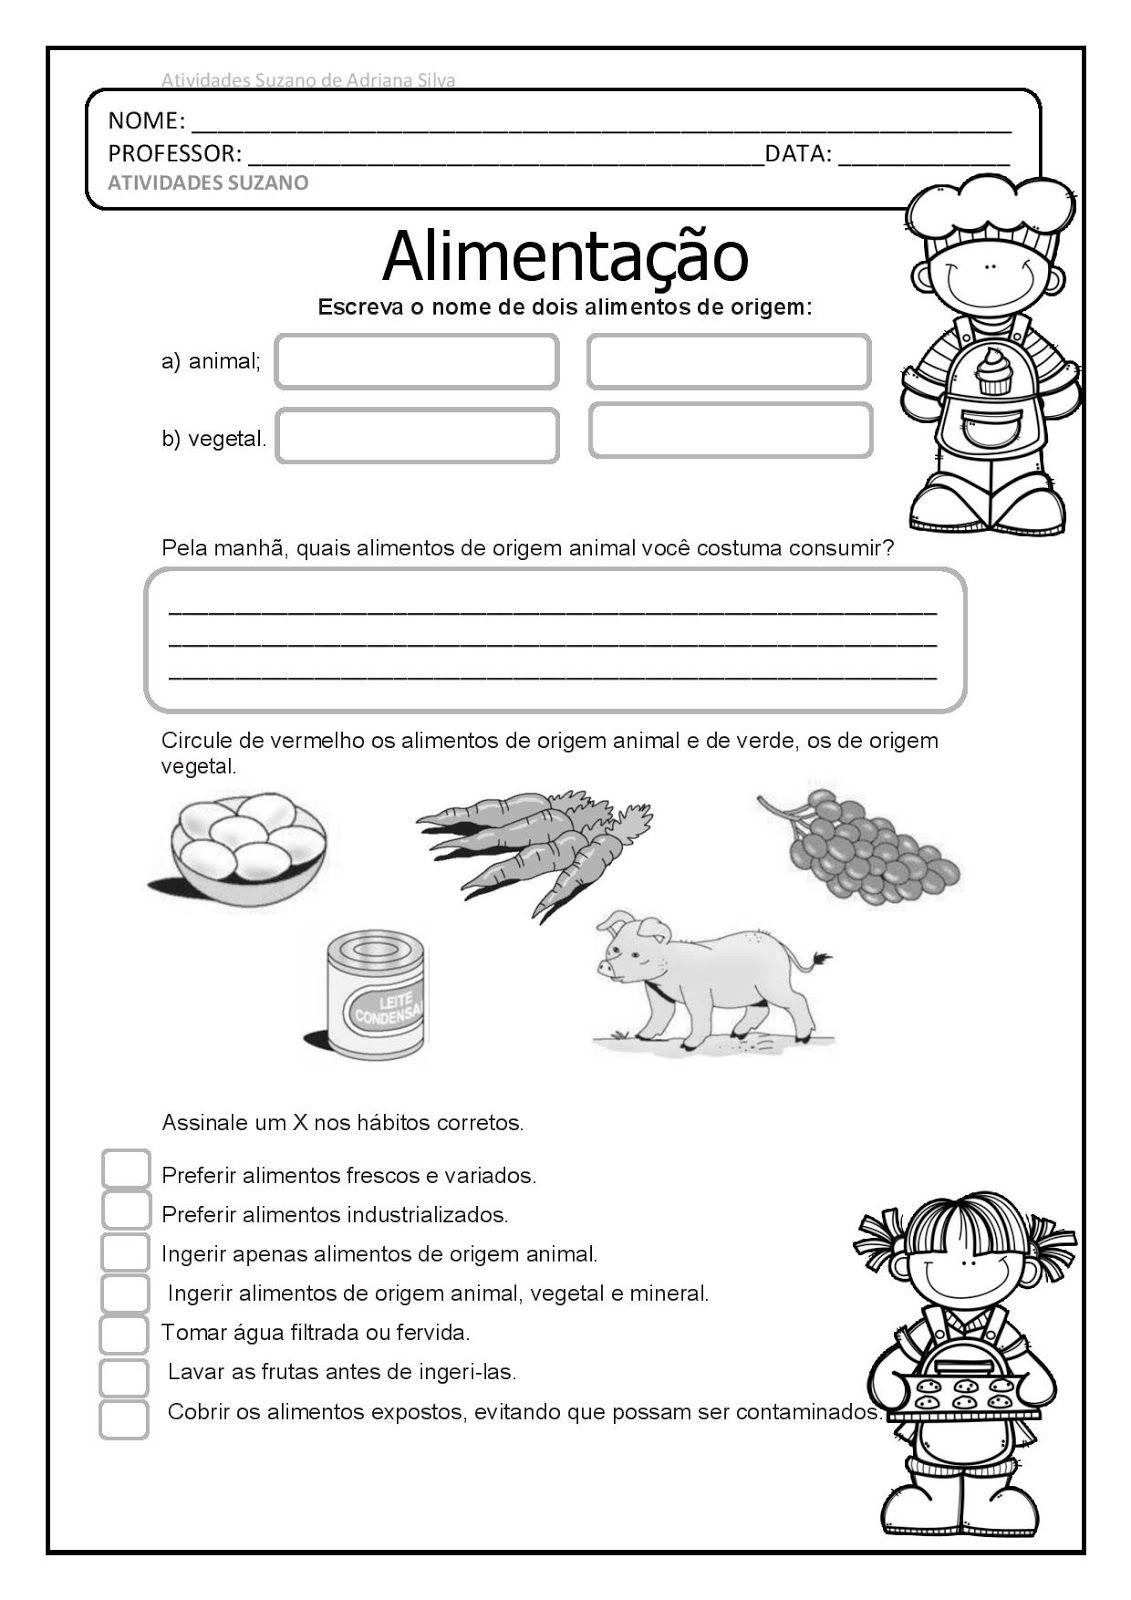 Ciências alimentação e animais para casa EM PDF | nanda | Pinterest